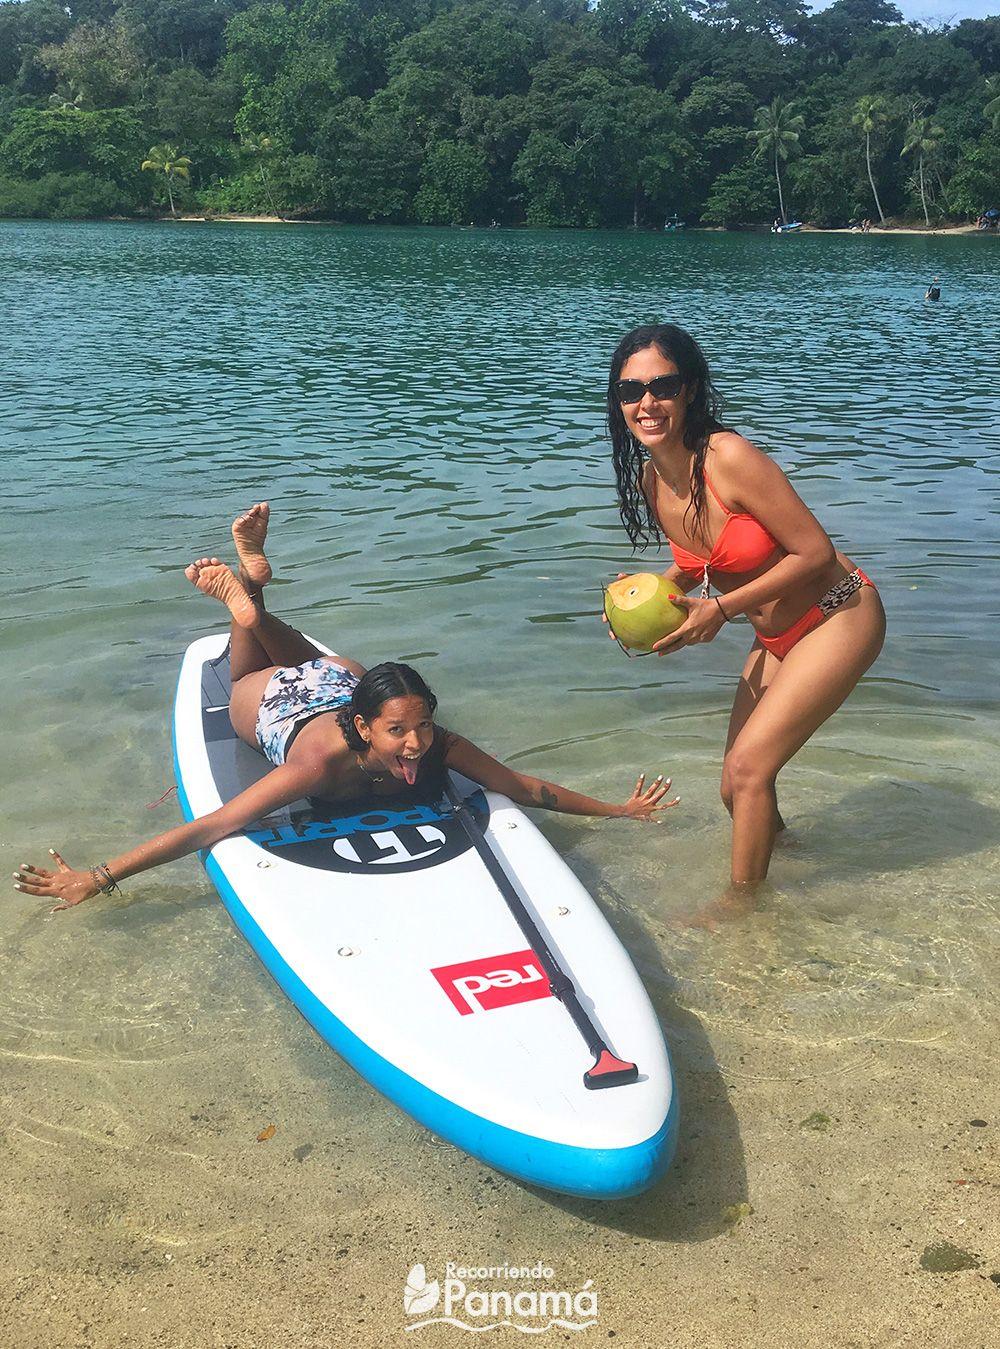 Una foto con Ari y el Paddle de Carlos.